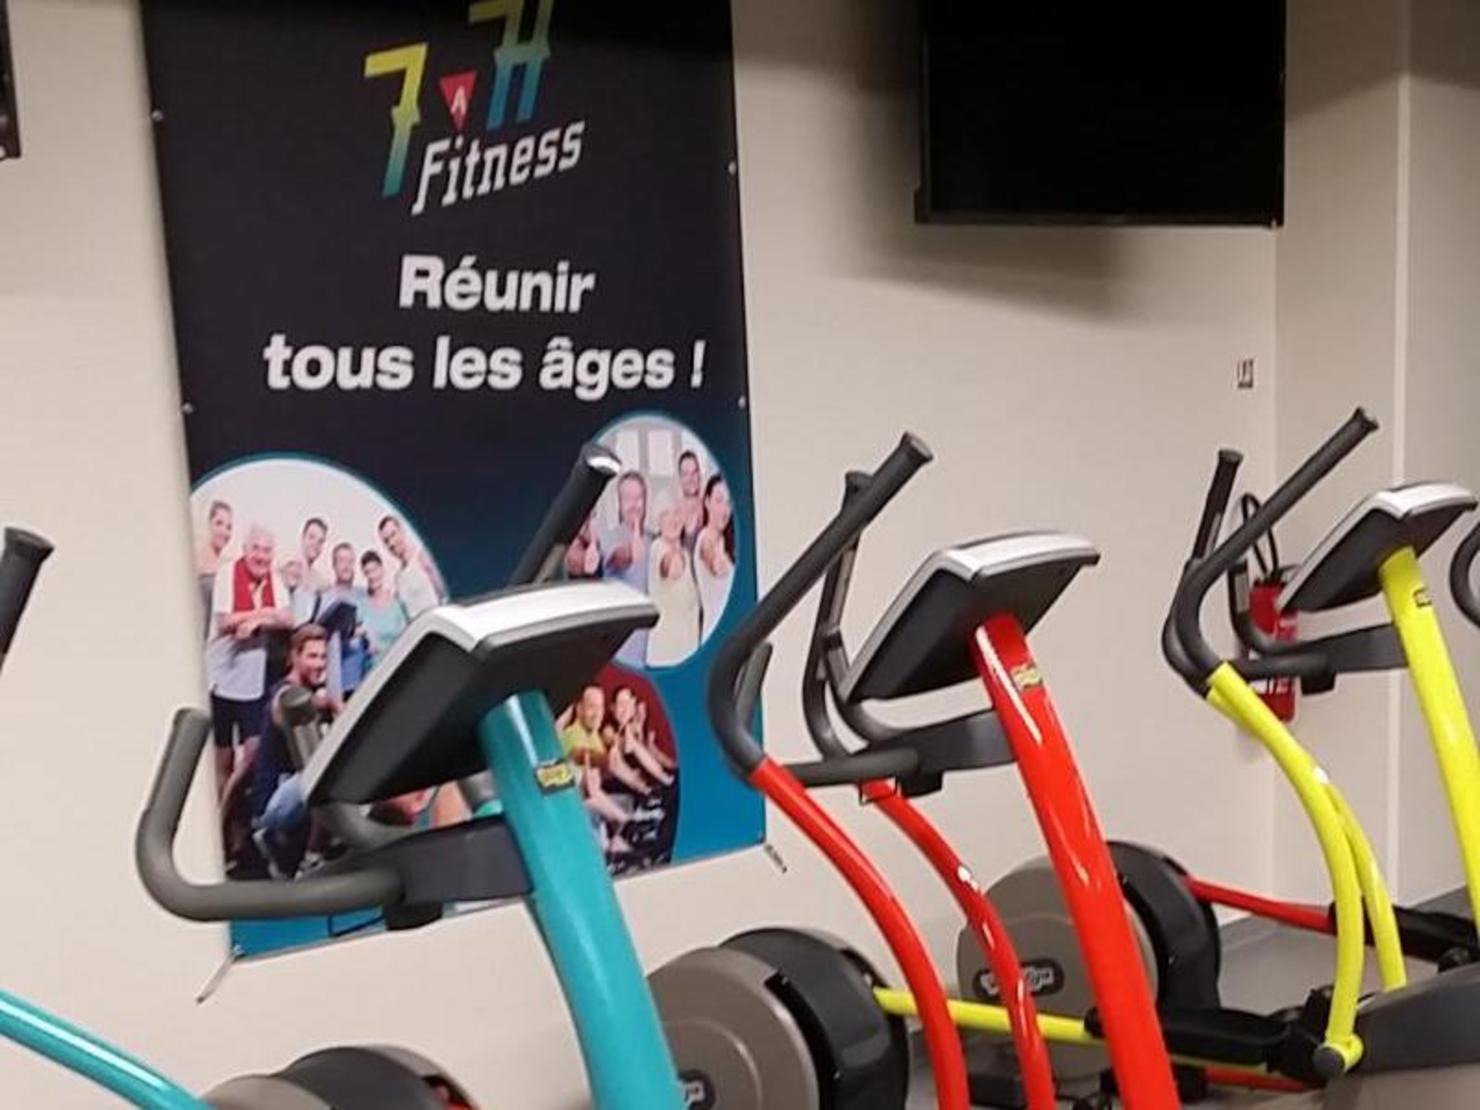 7 à 77 Fitness